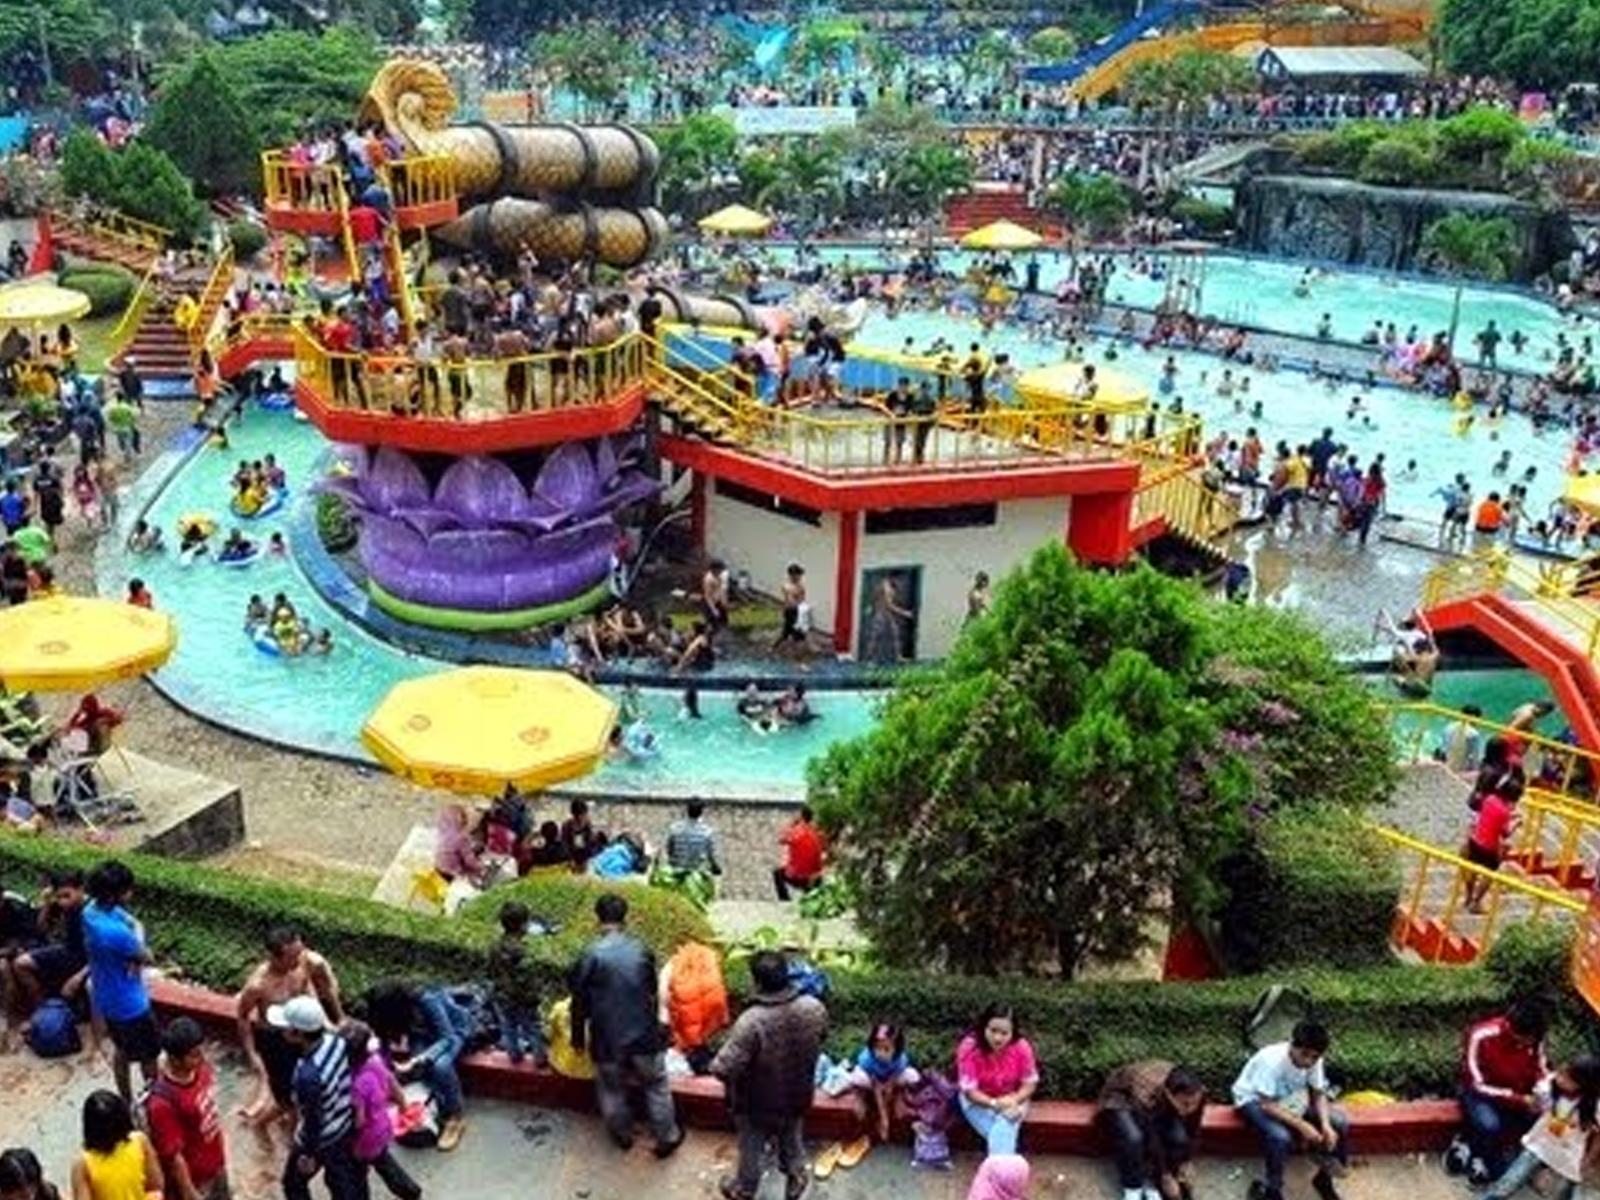 Wisata Kampung Batu Malakasari (Tektona Waterpark)